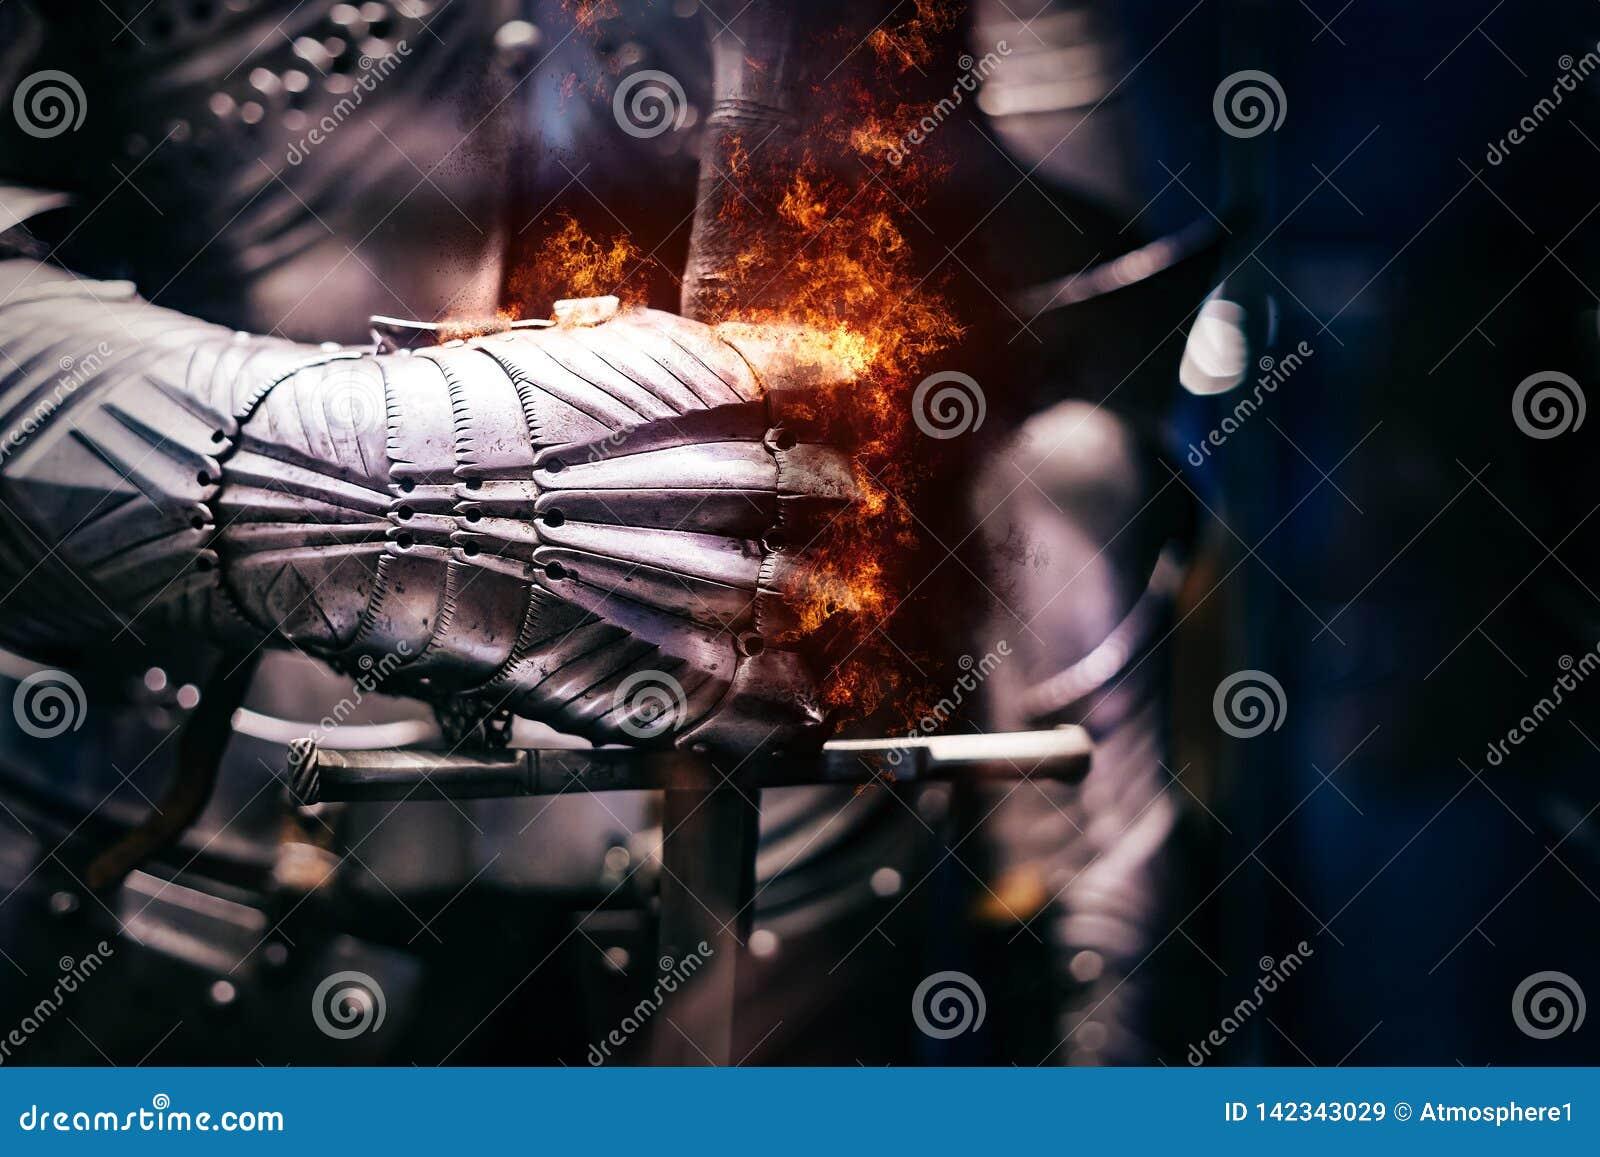 Stäng sig upp av ett medeltida stålpansar med järnhandskehanden som brister med flammor av brand